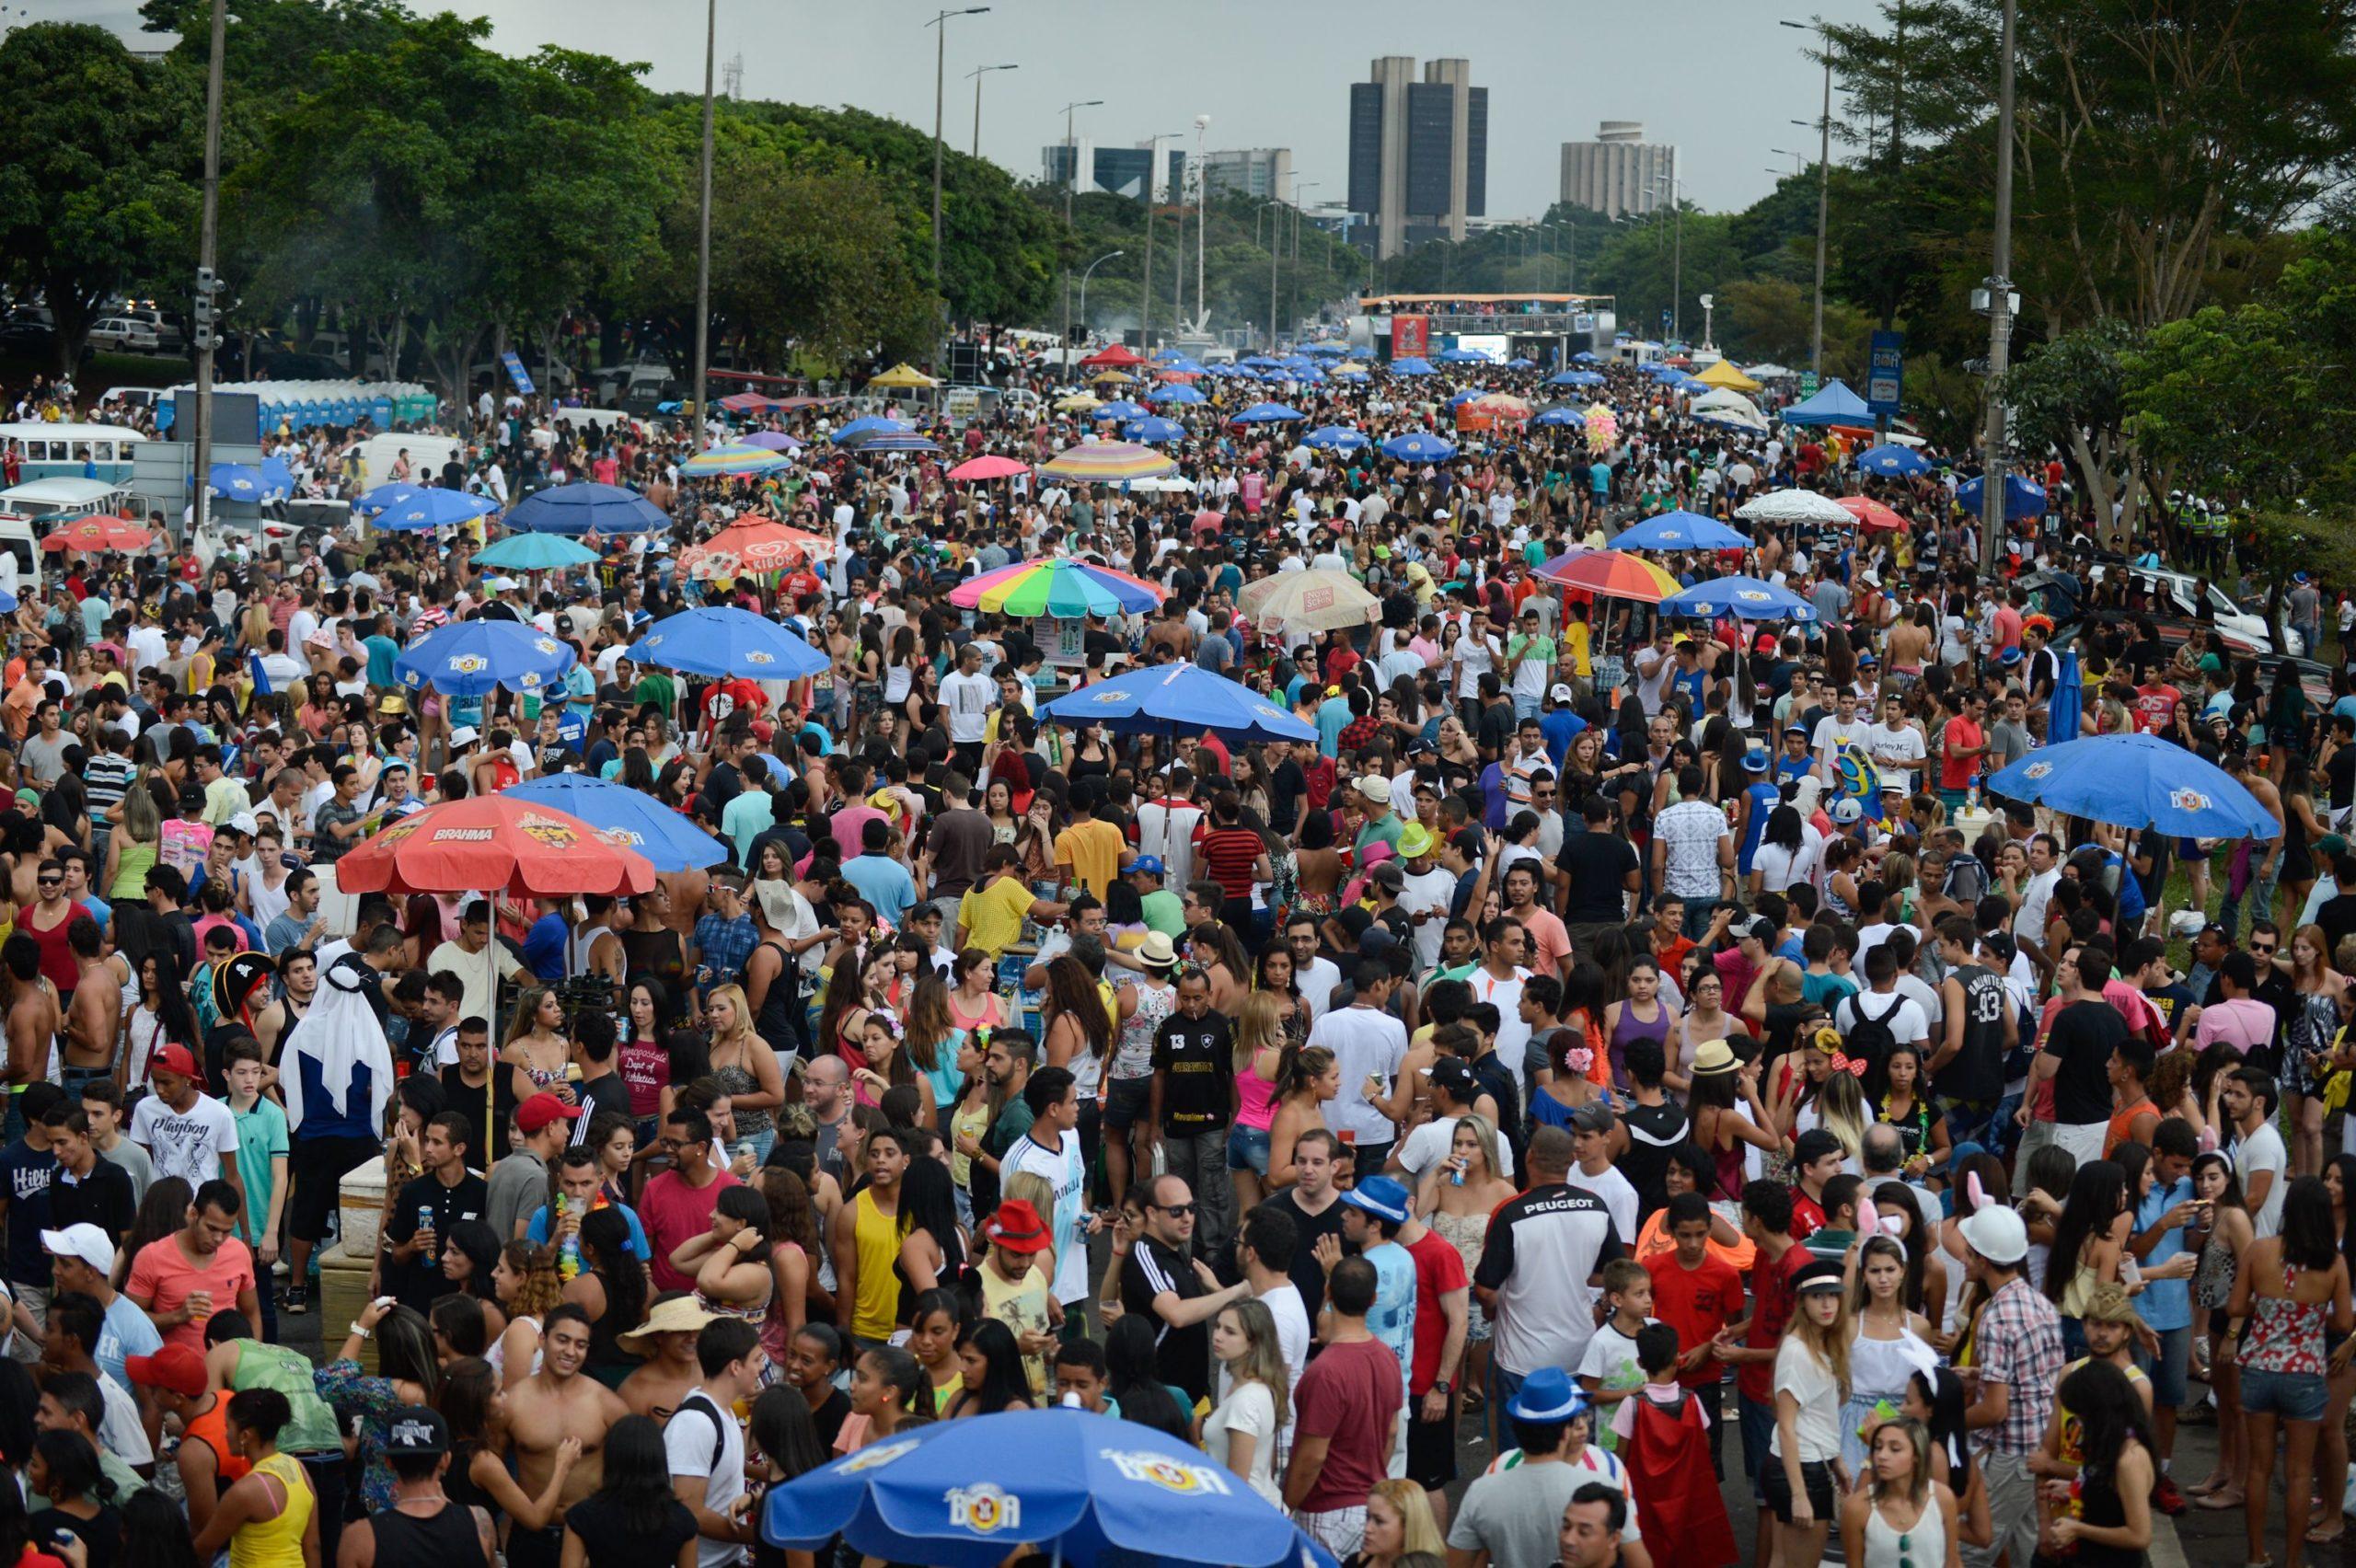 Edital do Carnaval de 2018 está sendo questionado por artistas e blocos tradicionais